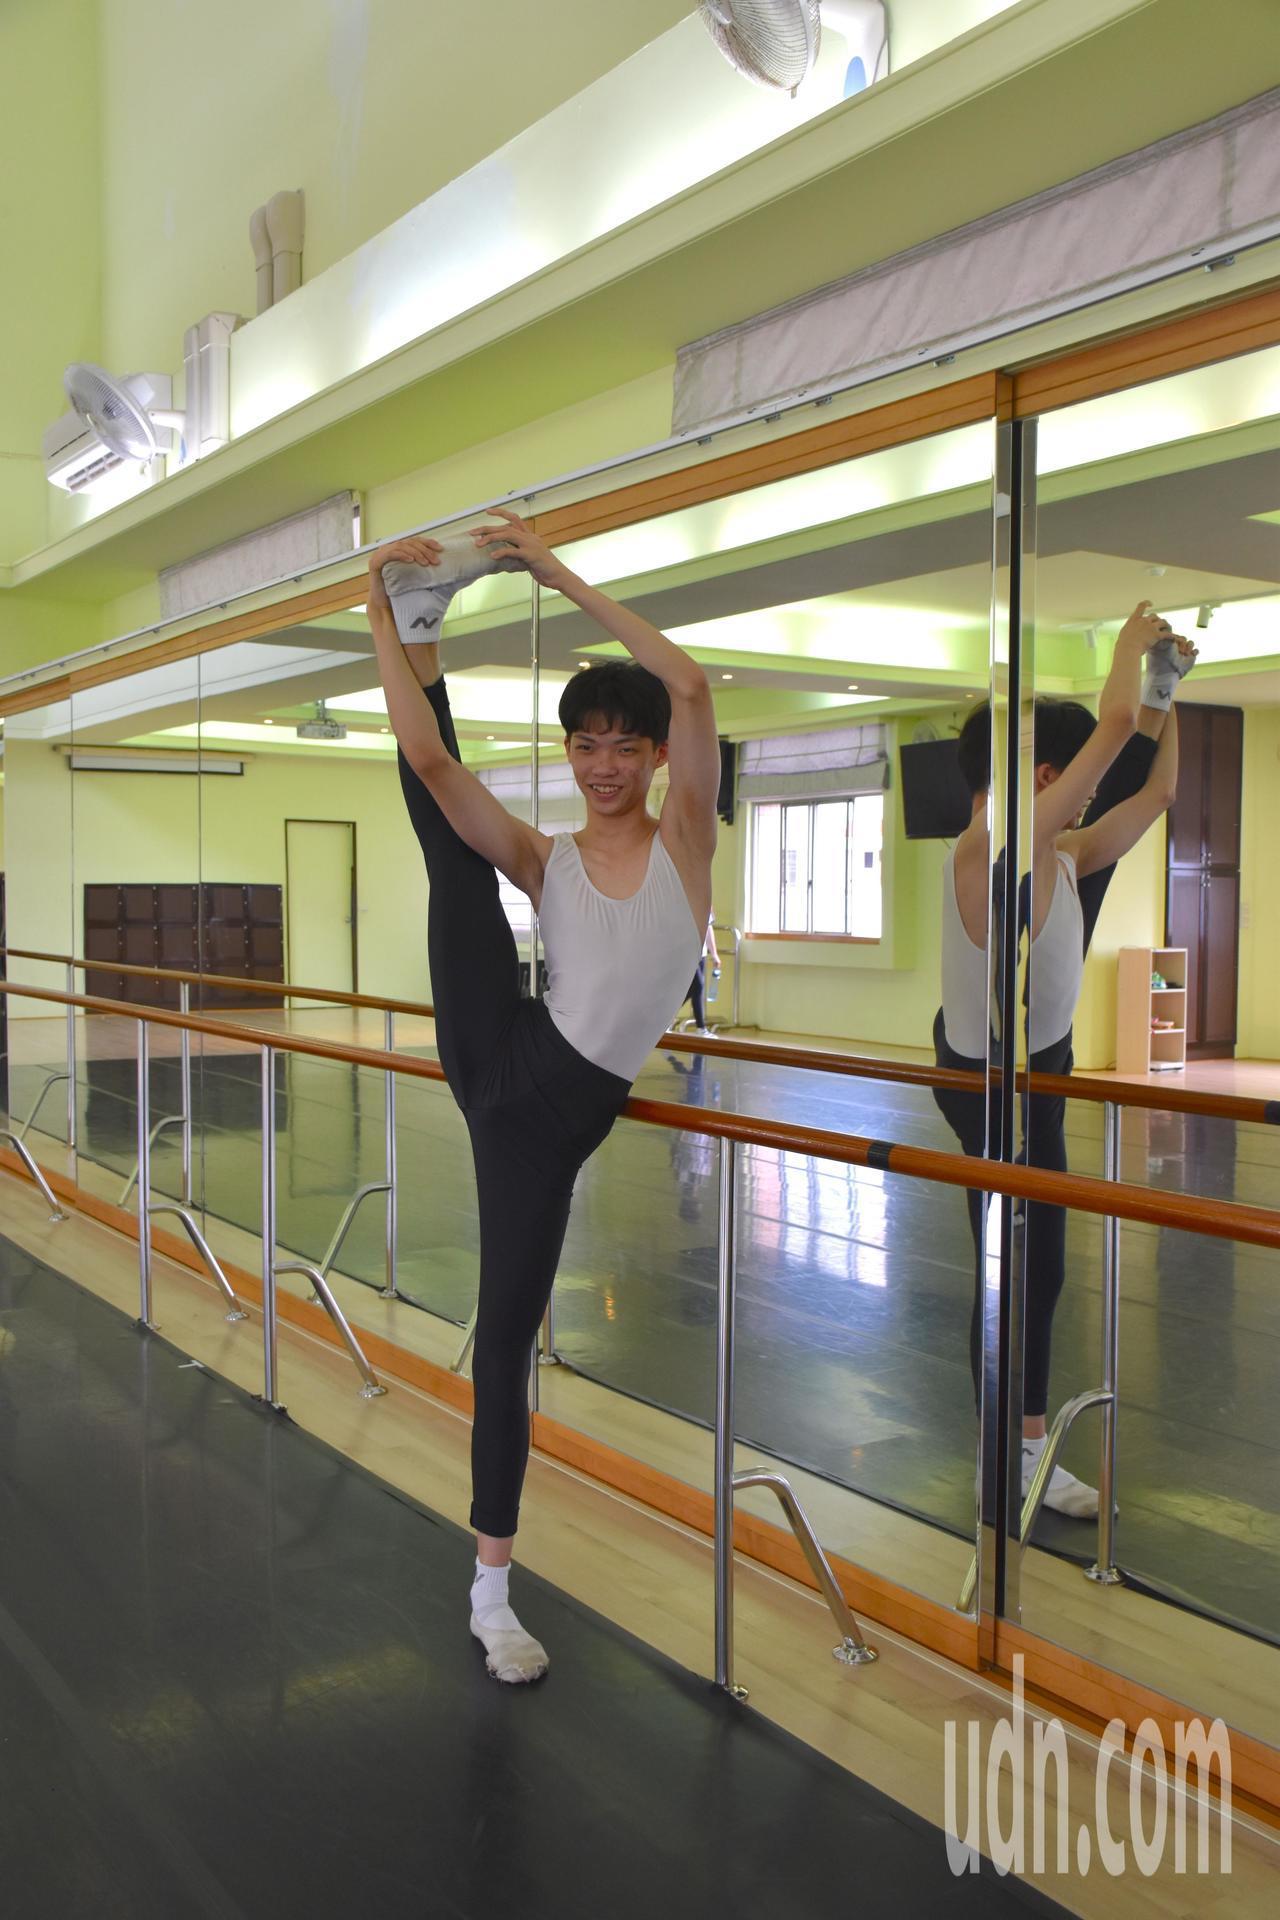 謝祥銨每天辛苦練習拉筋、跳舞,要往成為舞蹈老師夢想邁進。記者王思慧/攝影